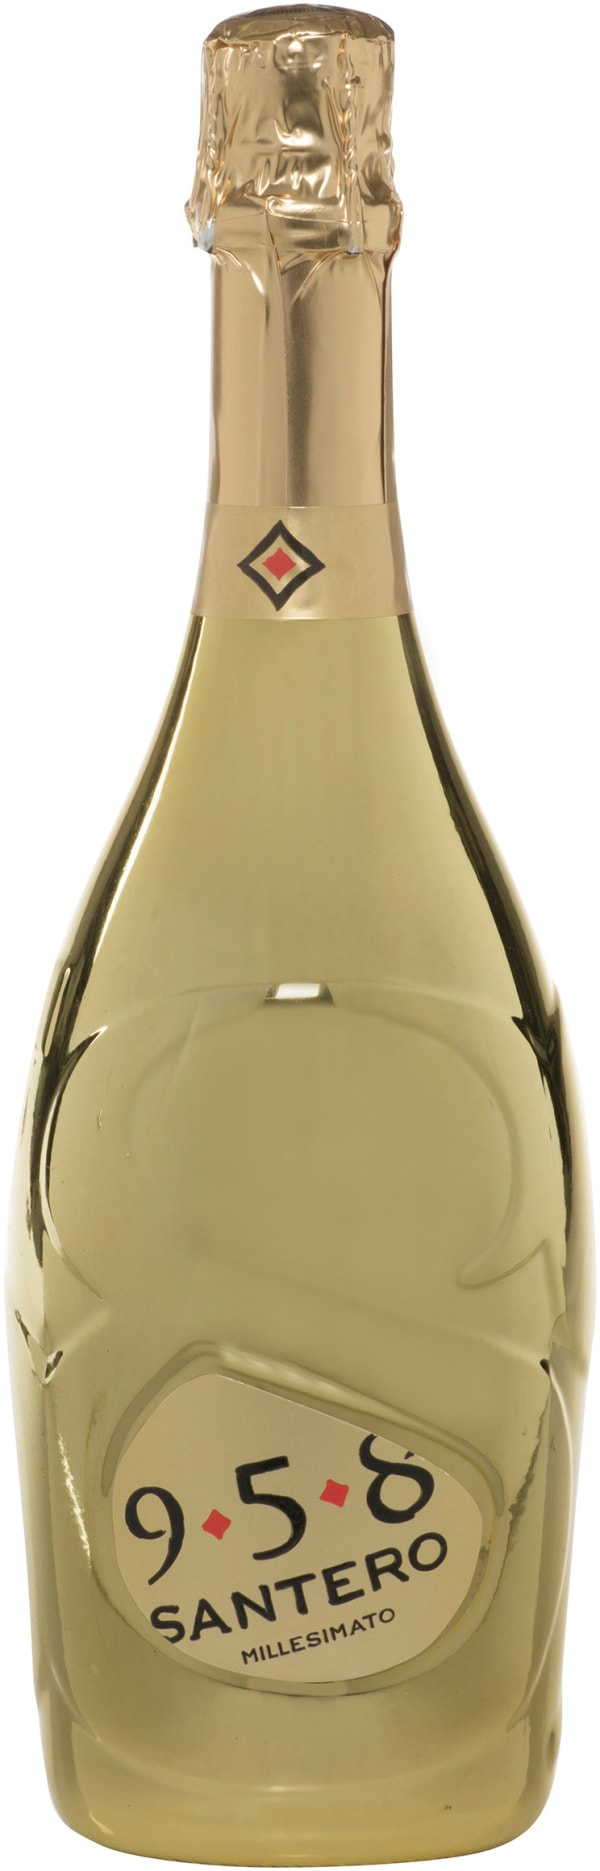 Santero 958 Millesimato Gold Extra Dry